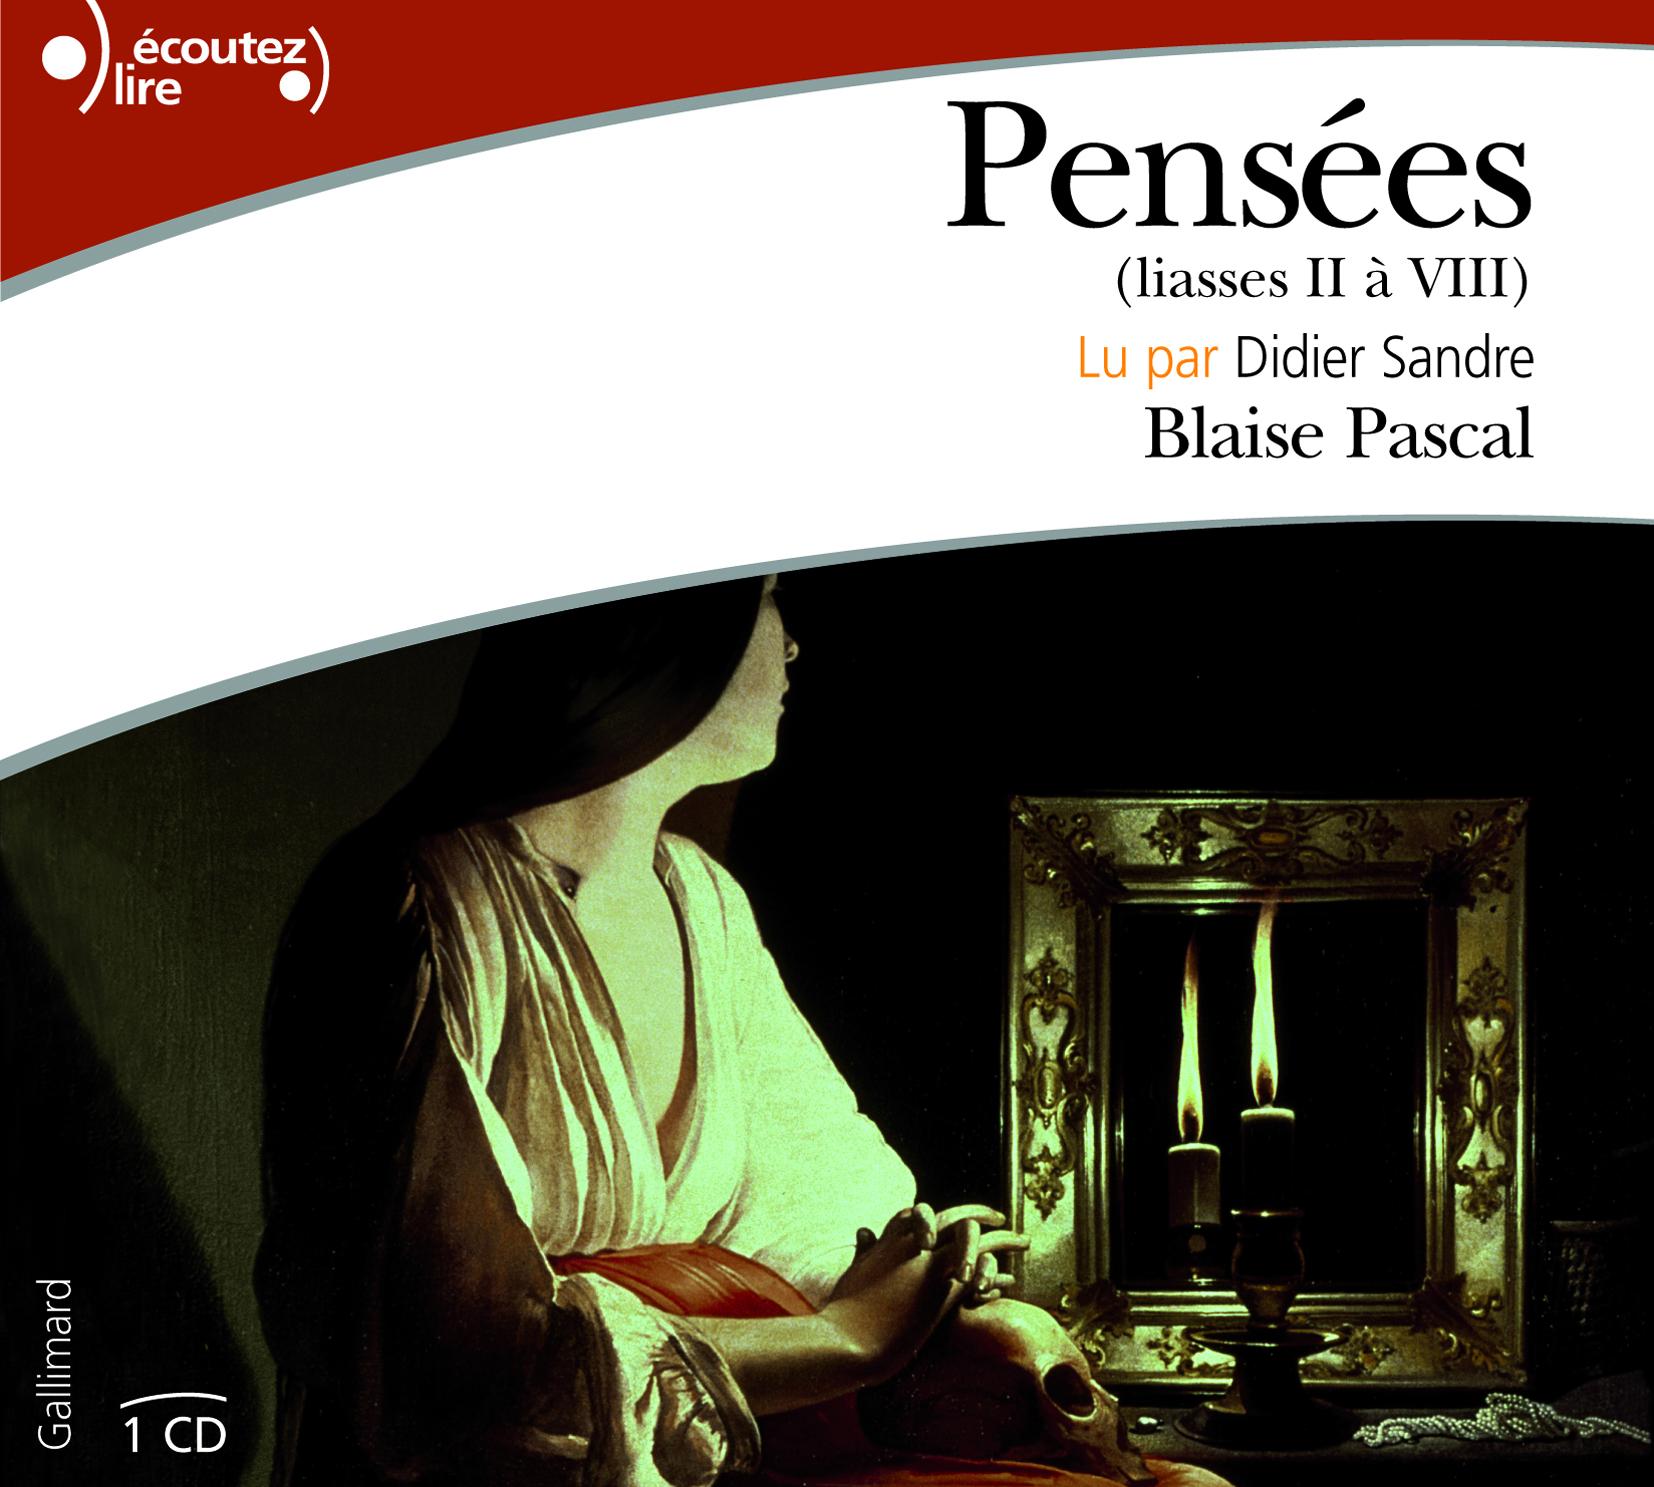 PENSEES CD - (LIASSES II A VIII)